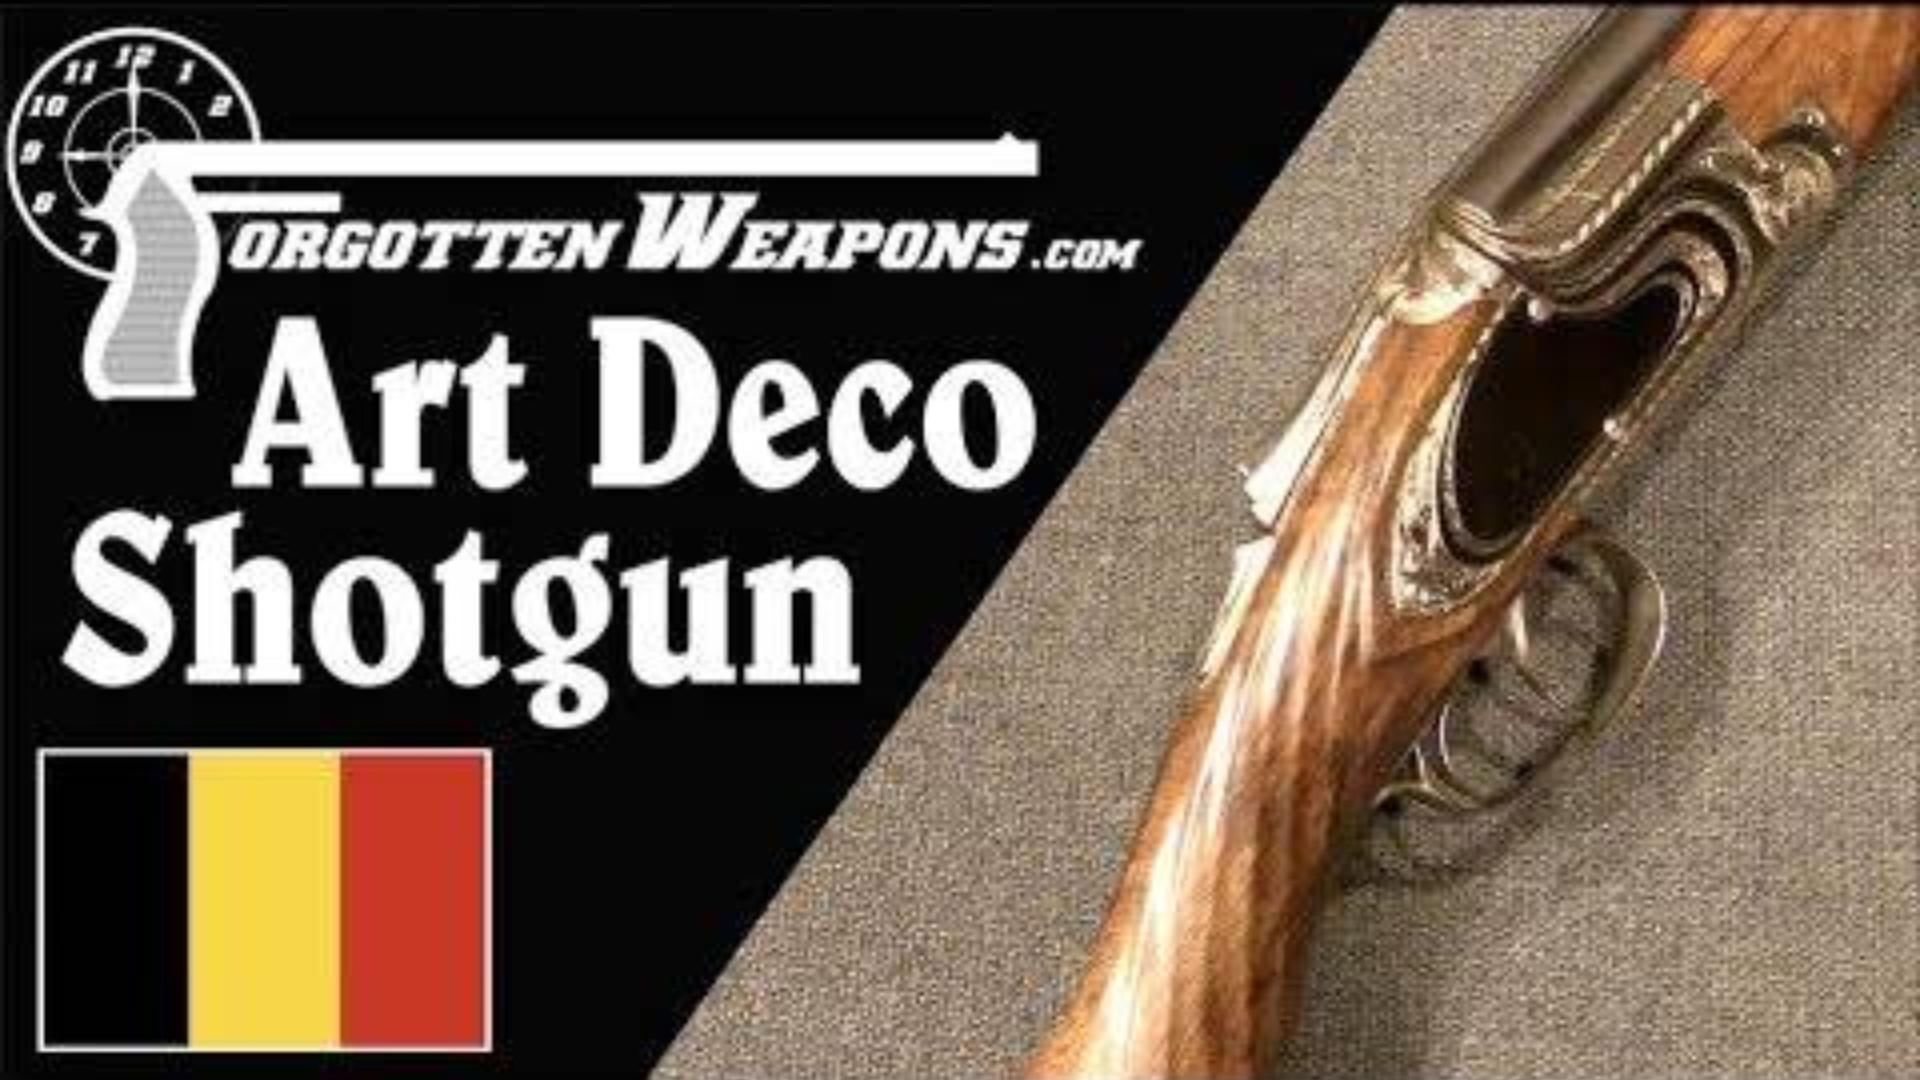 【被遗忘的武器/双语】带有水元素装饰风艺术的勃朗宁B25霰弹枪